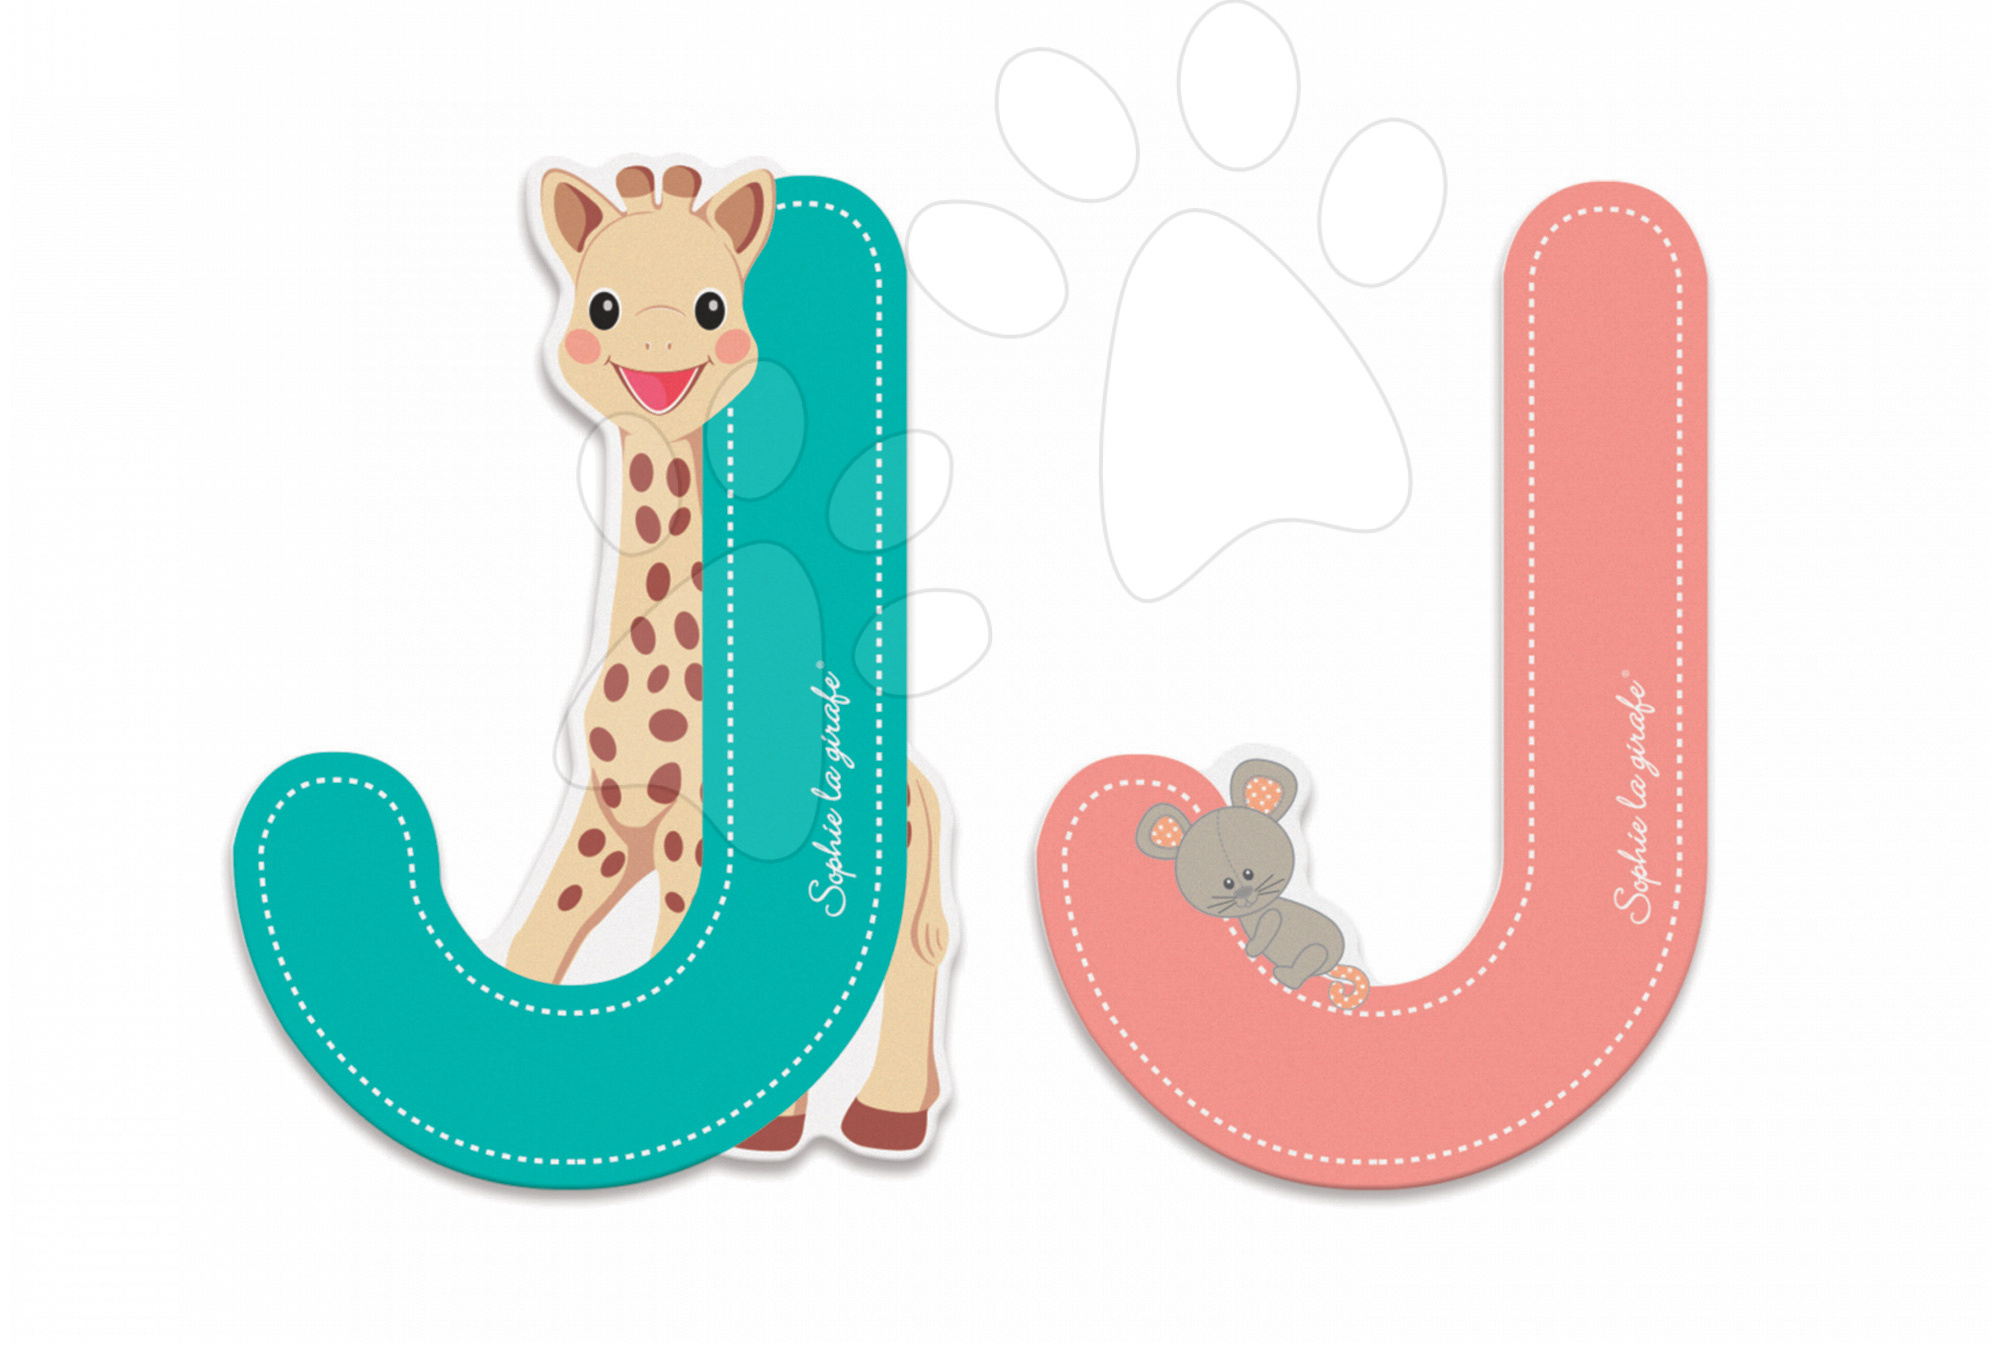 Dřevěné písmeno J Sophie The Giraffe Janod lepící 7 cm tyrkysové/růžové od 3 let